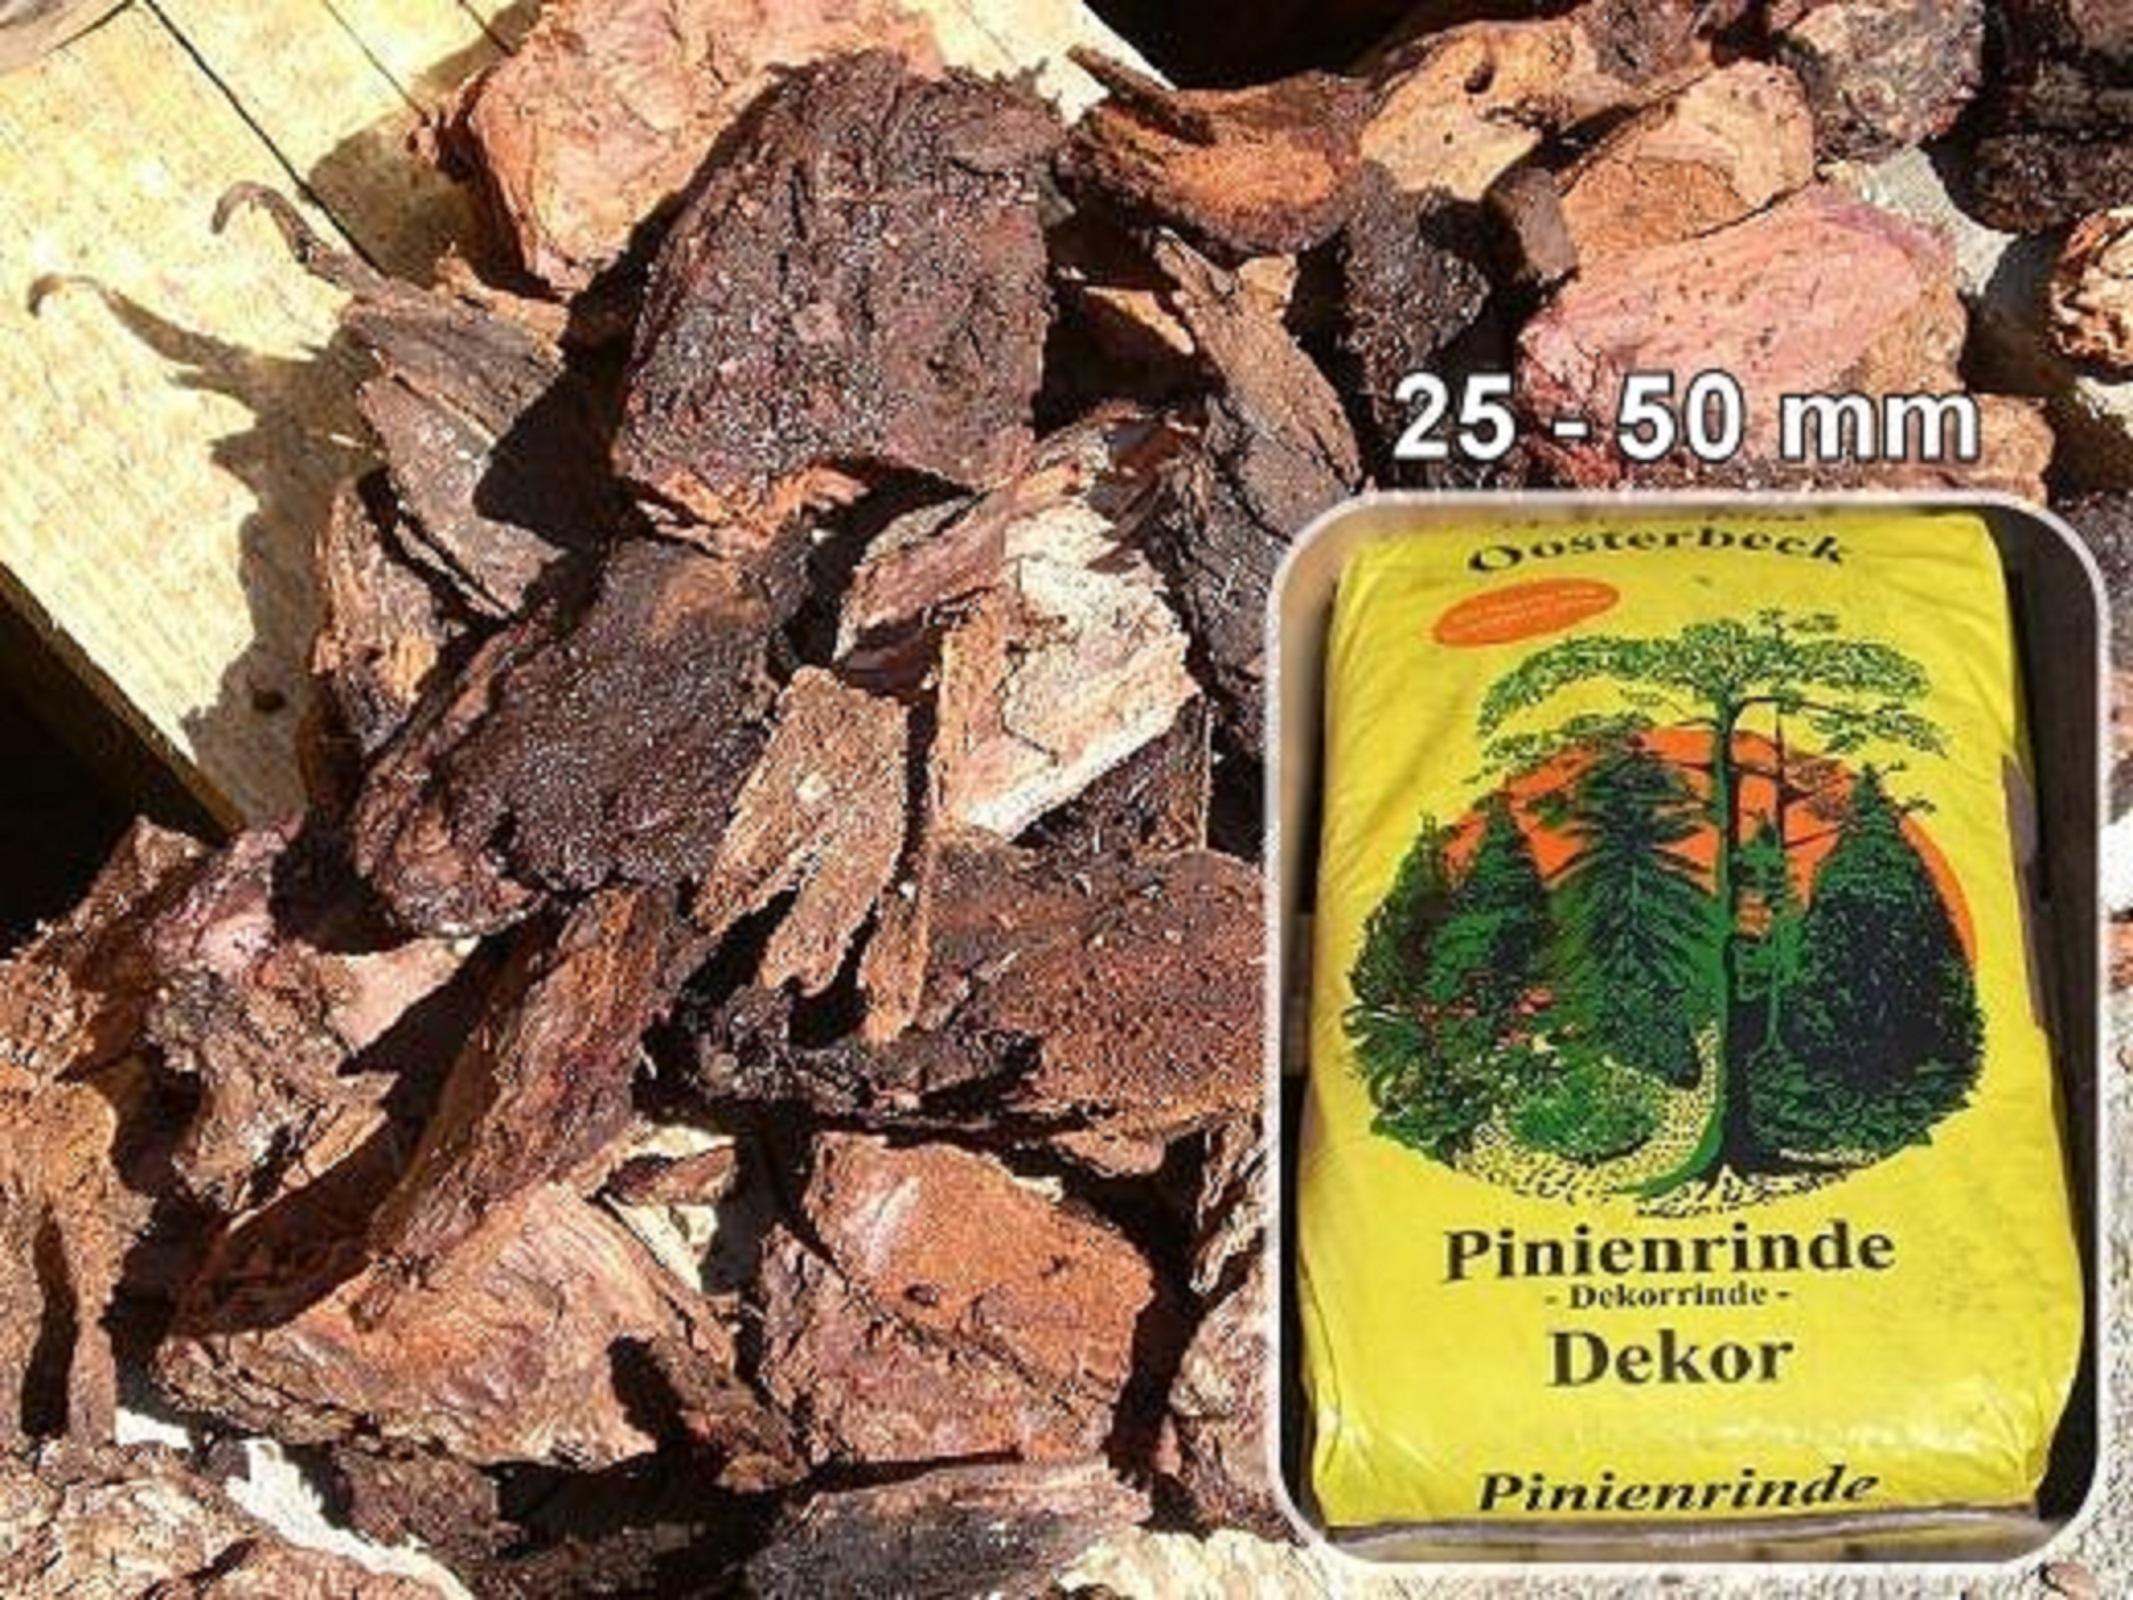 Französische Pinienrinde 25-50 mm 18 x 70 L 1260 L Superior-Qualität Oosterbeek